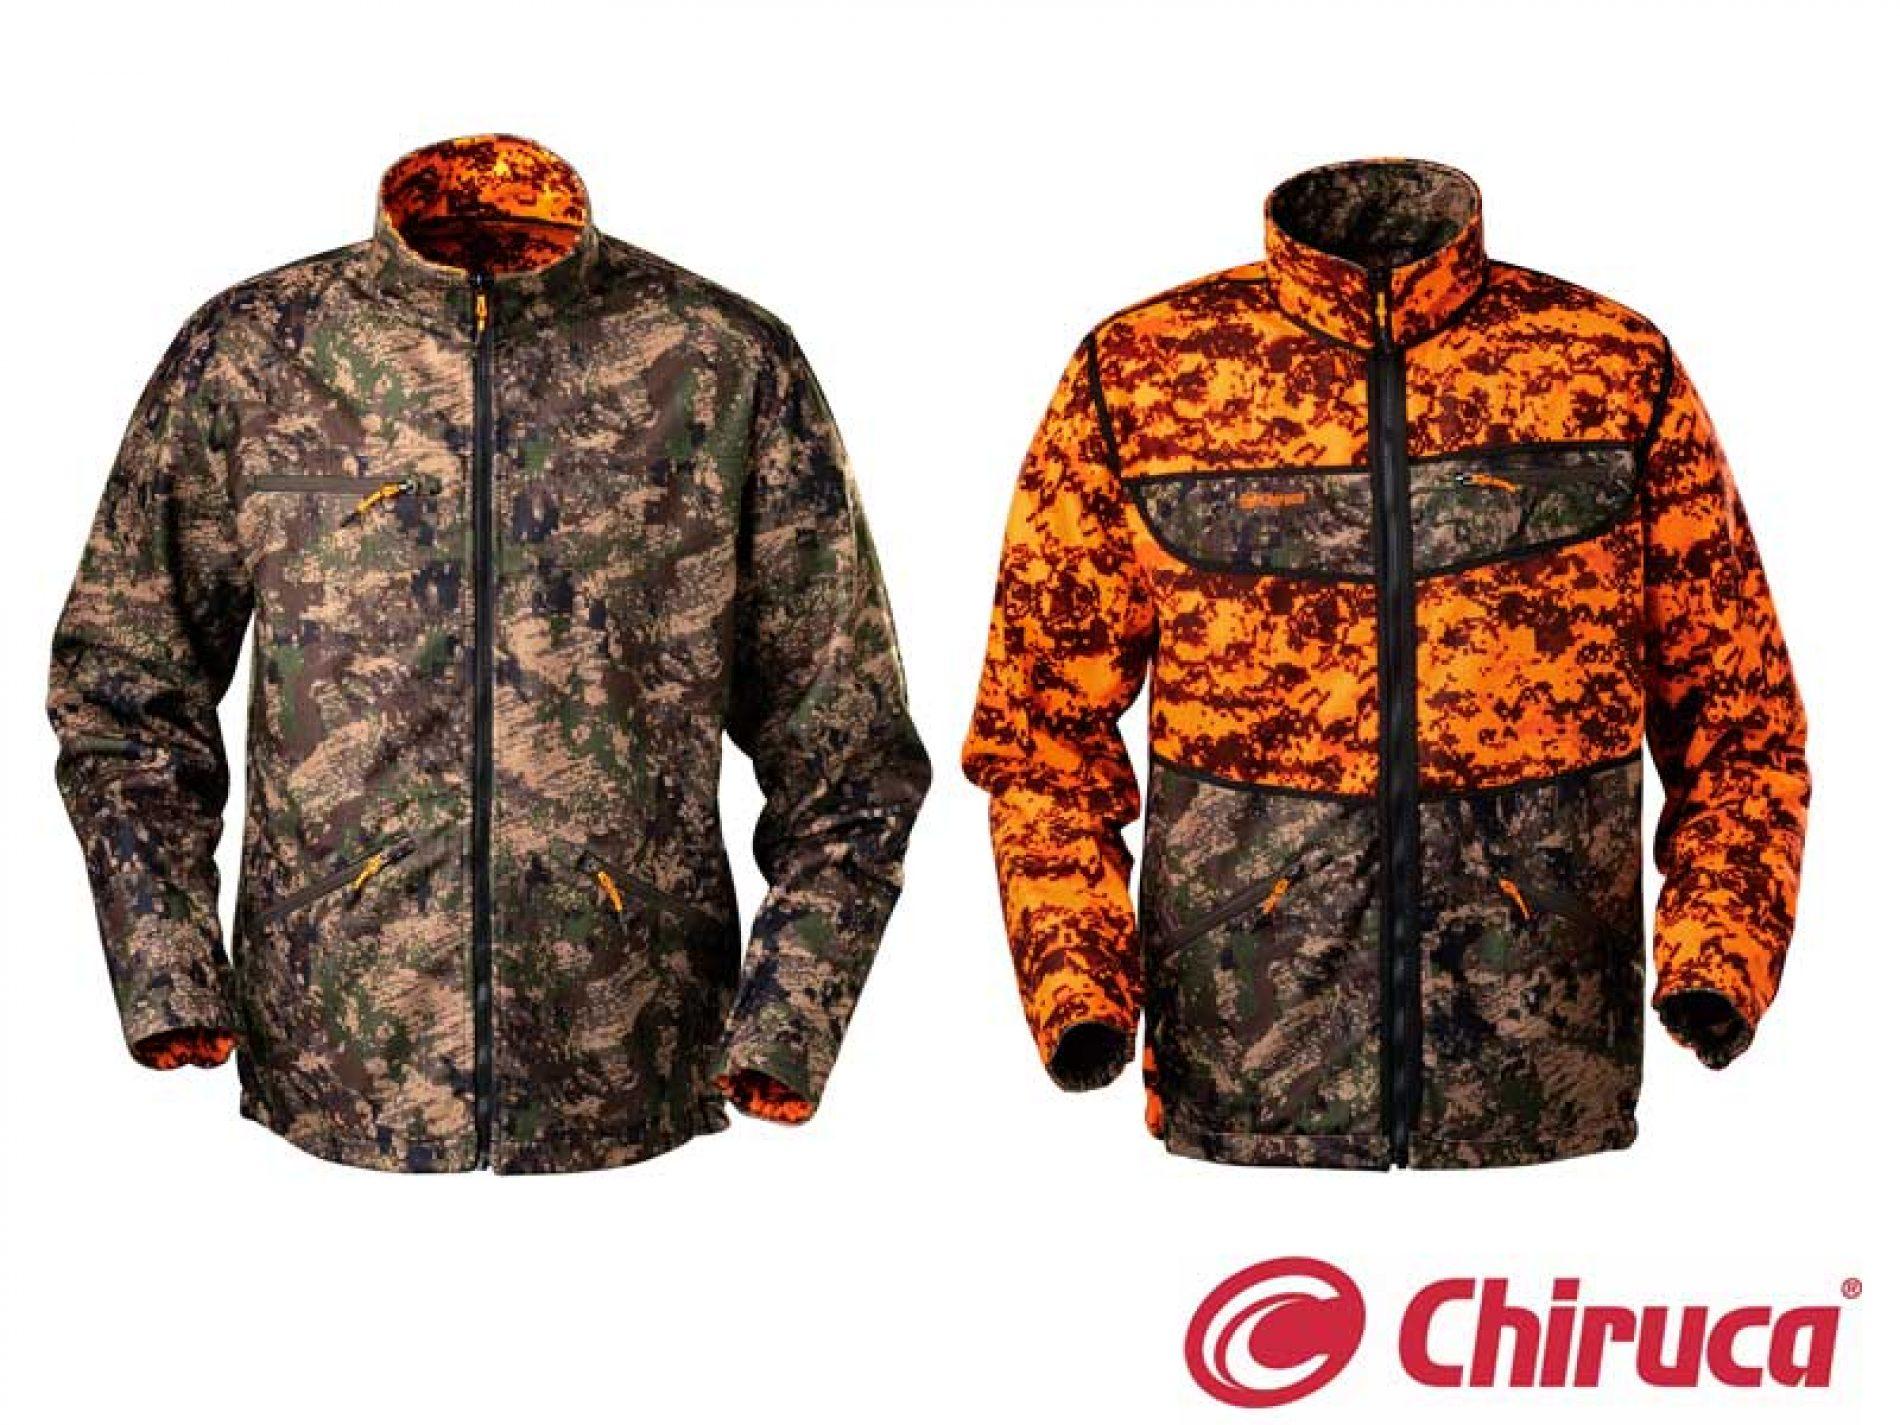 Axe, la nueva chaqueta reversible de Chiruca®